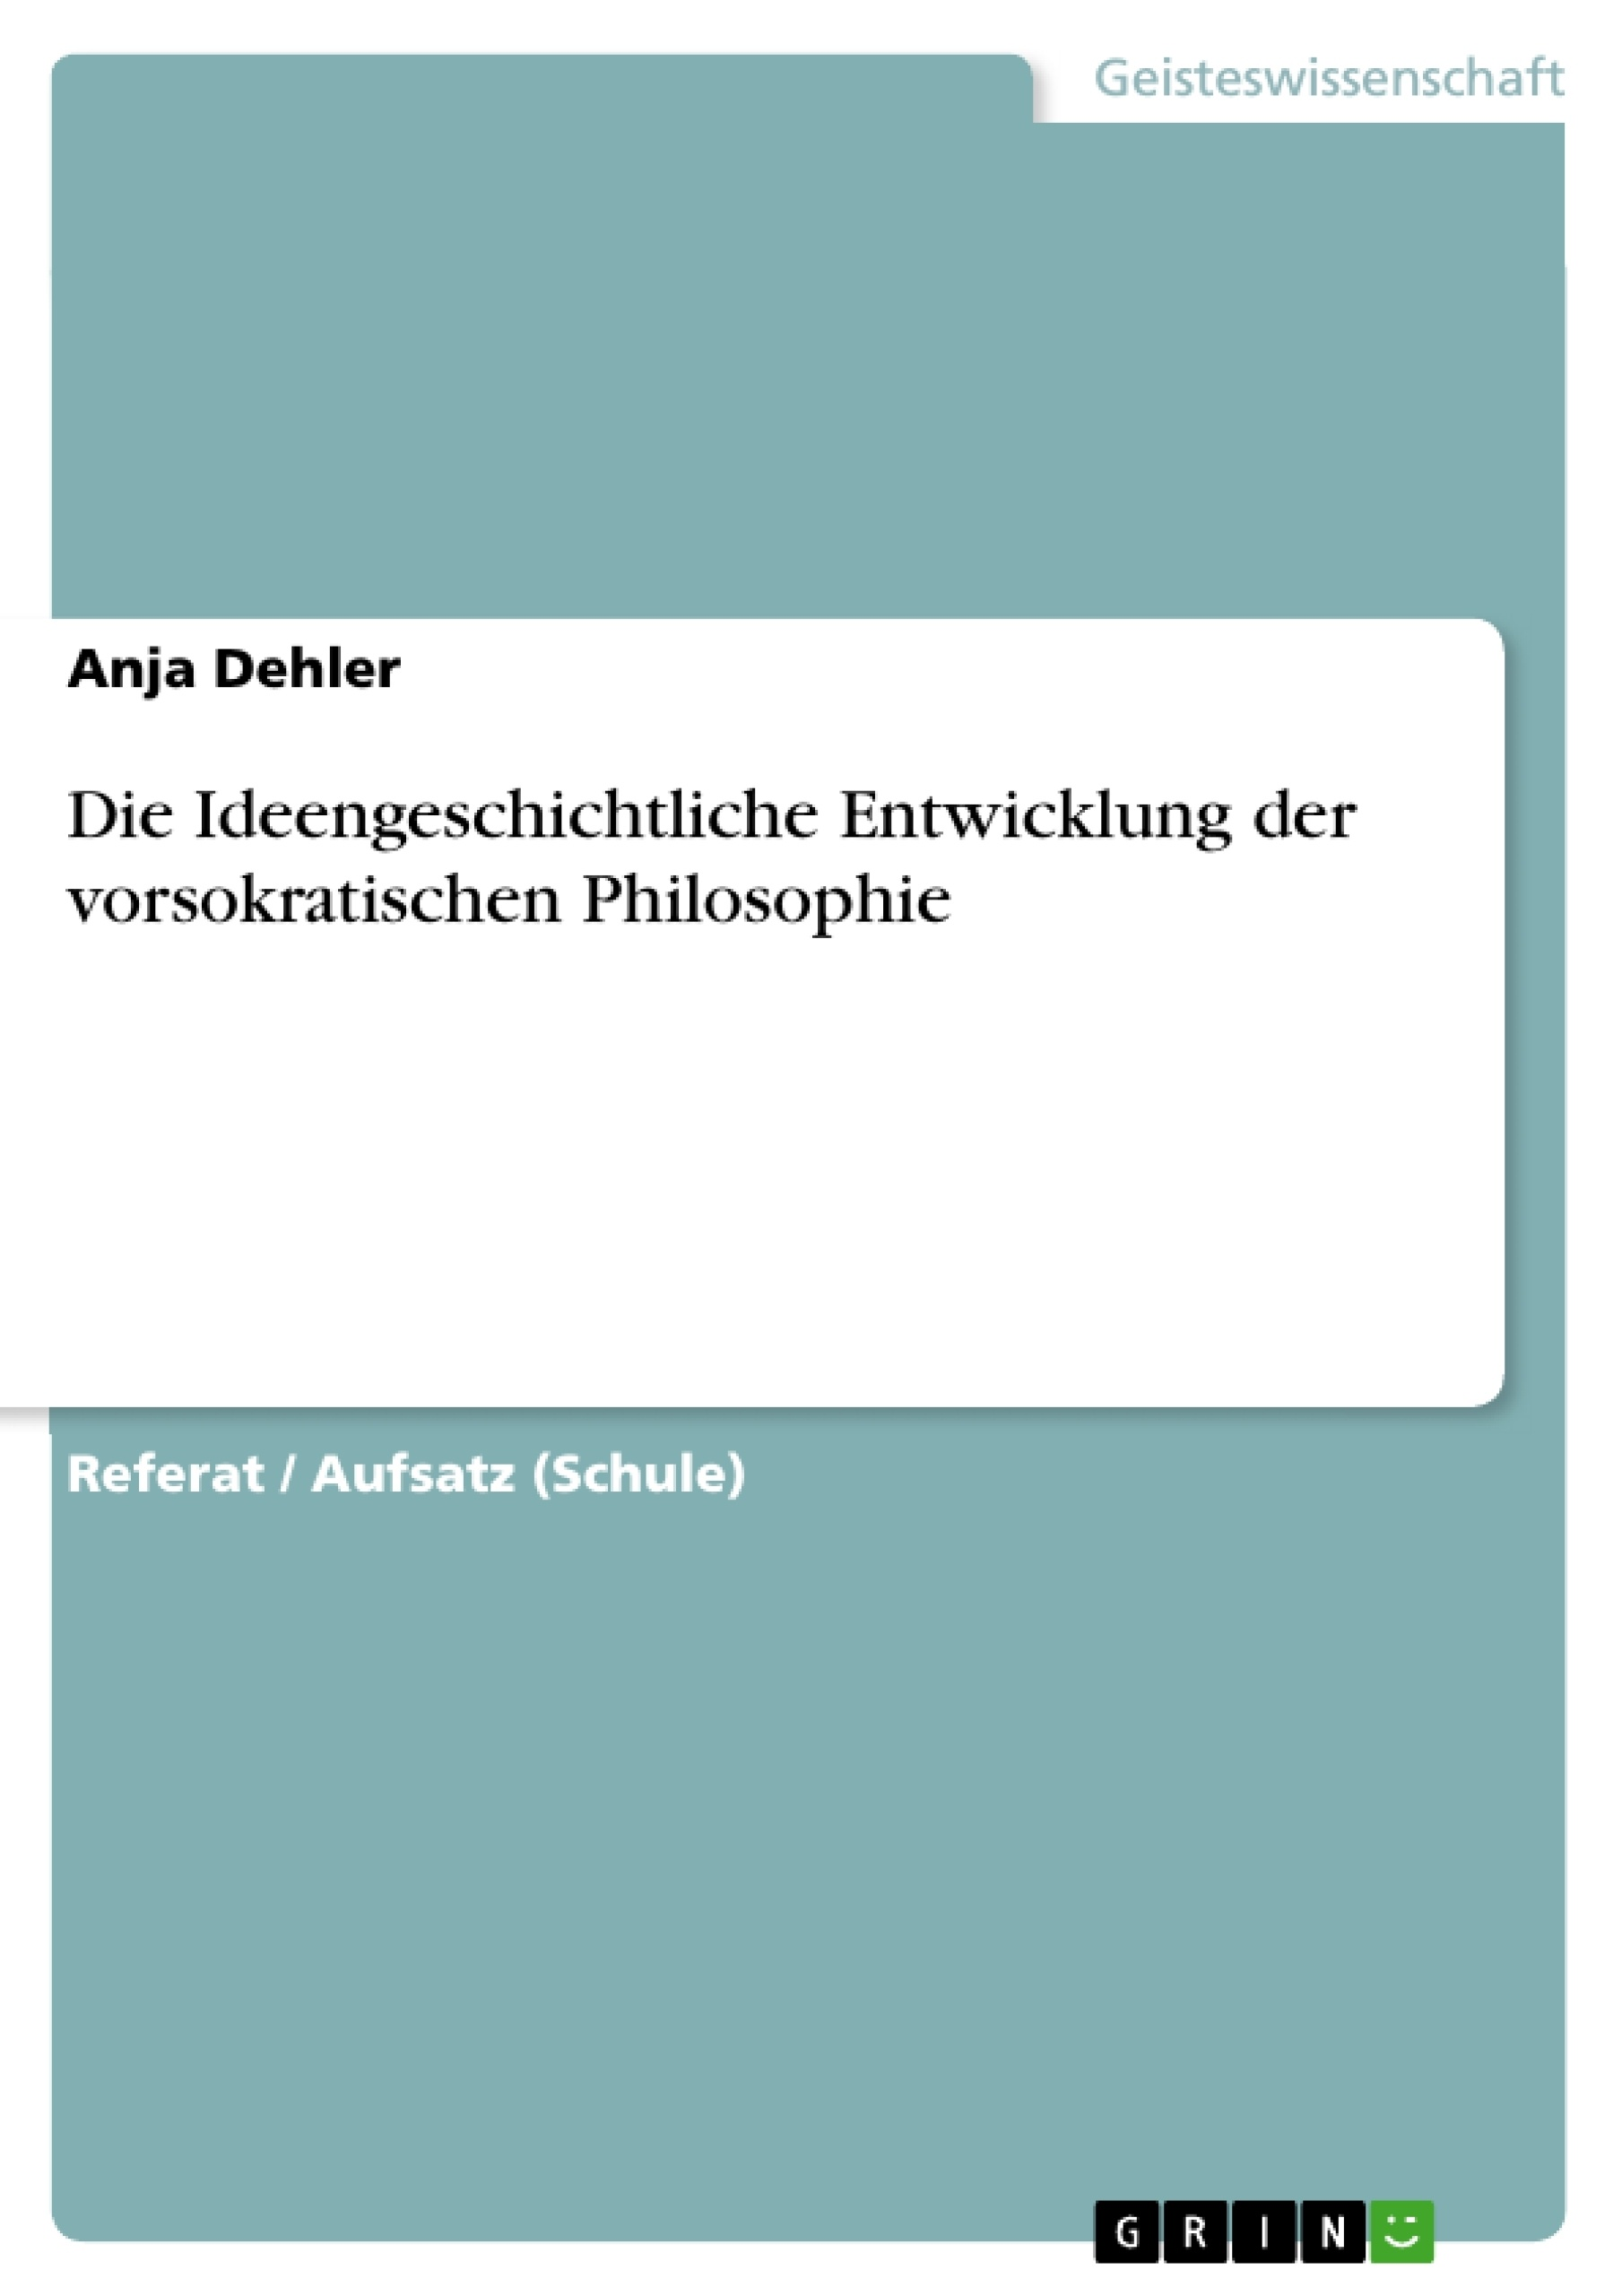 Titel: Die Ideengeschichtliche Entwicklung der vorsokratischen Philosophie